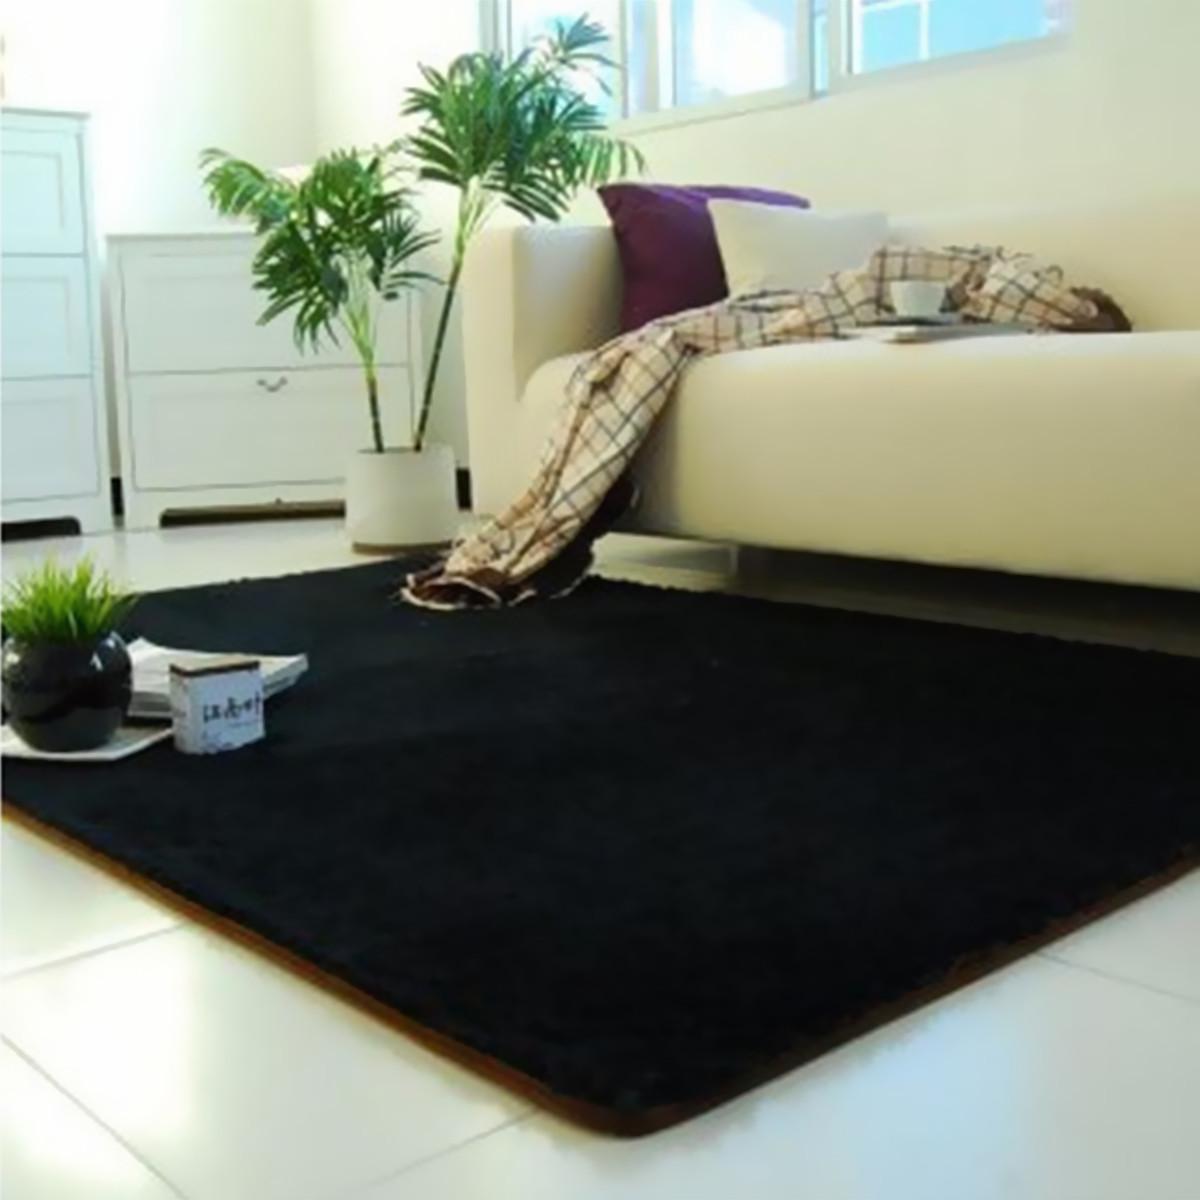 Hot Deals Berbulu Anti Selip Ramus Area Karpet Rumah Karpet Yoga Kamar Tidur Lantai Ruang Makan